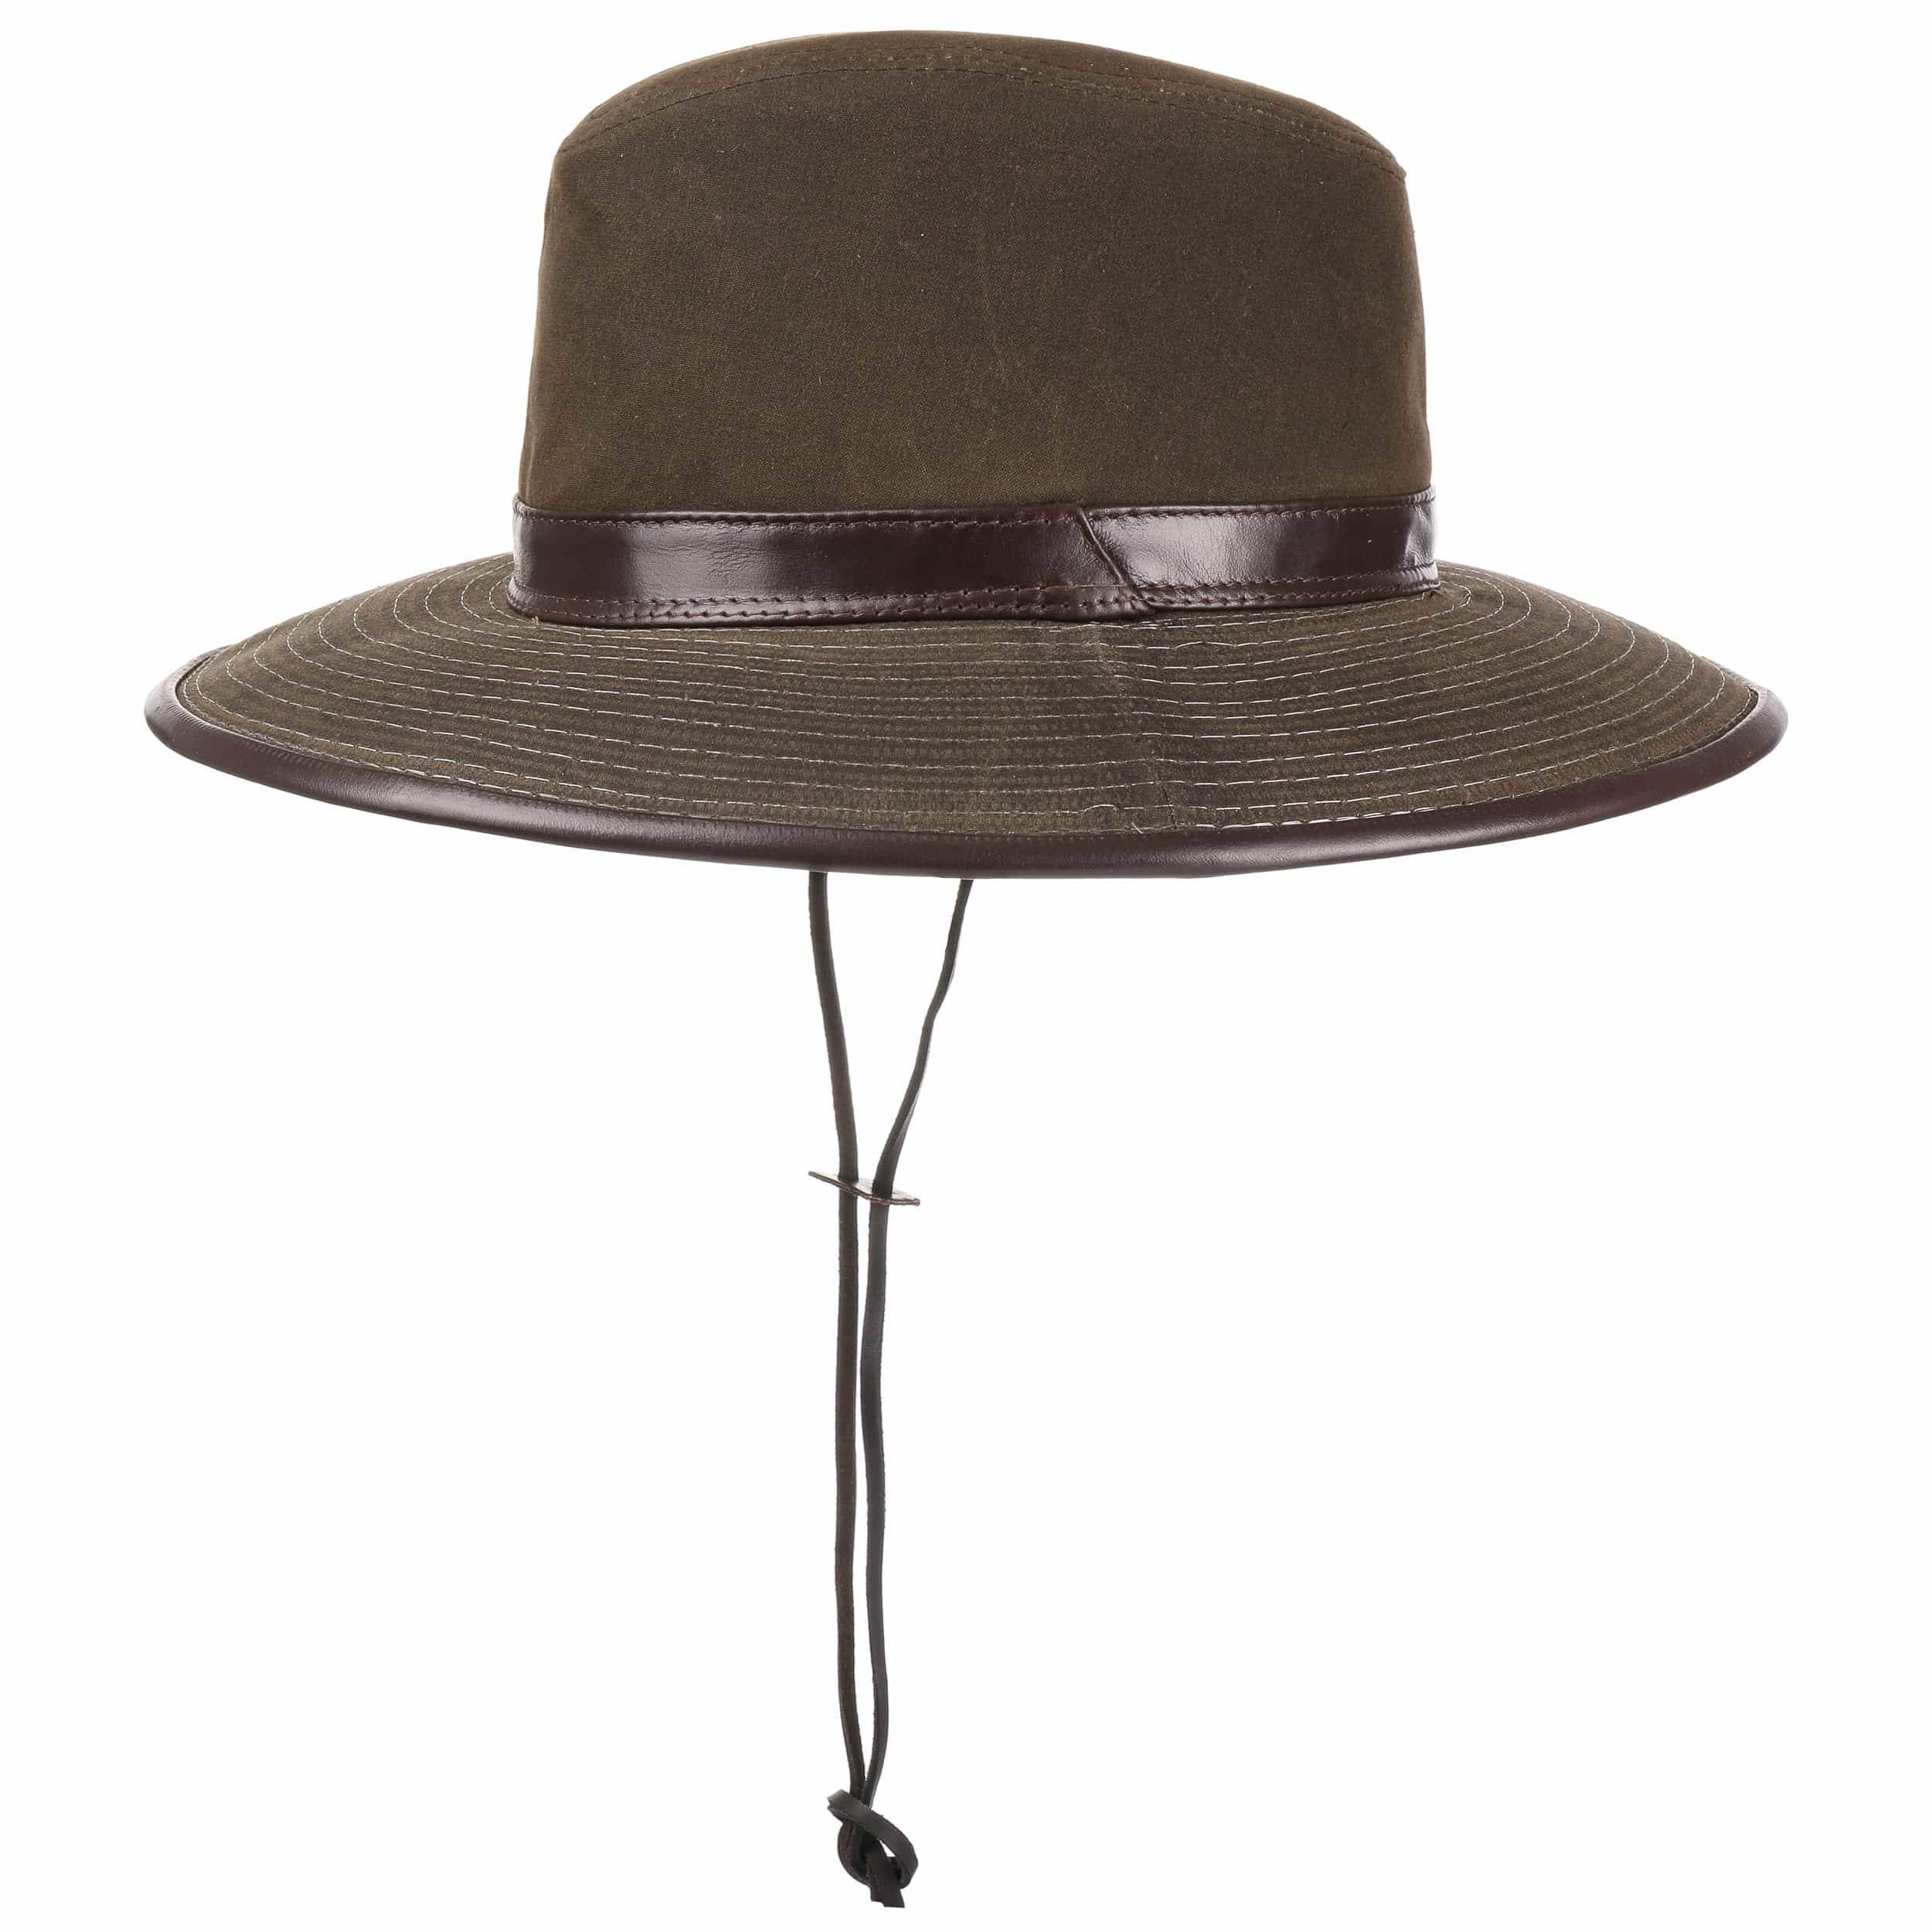 descuento especial valor por dinero moda mejor valorada Sombrero Safari Oiled Cotton